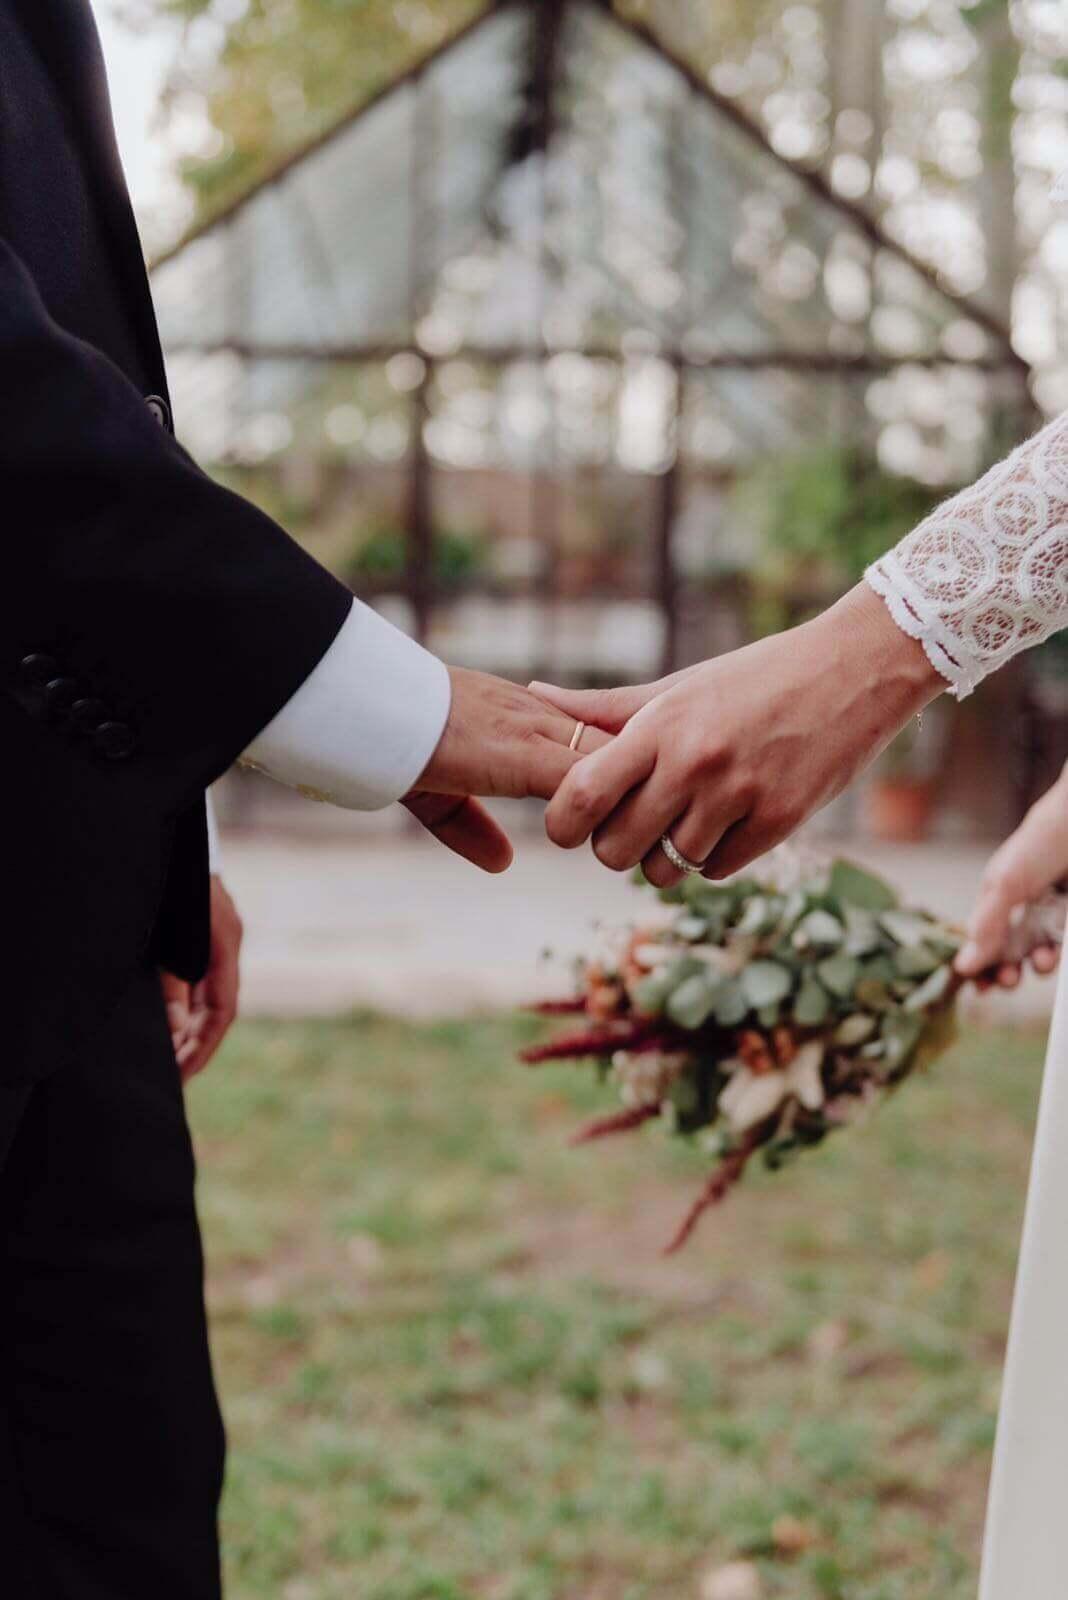 casaments de matrimoni gran Short